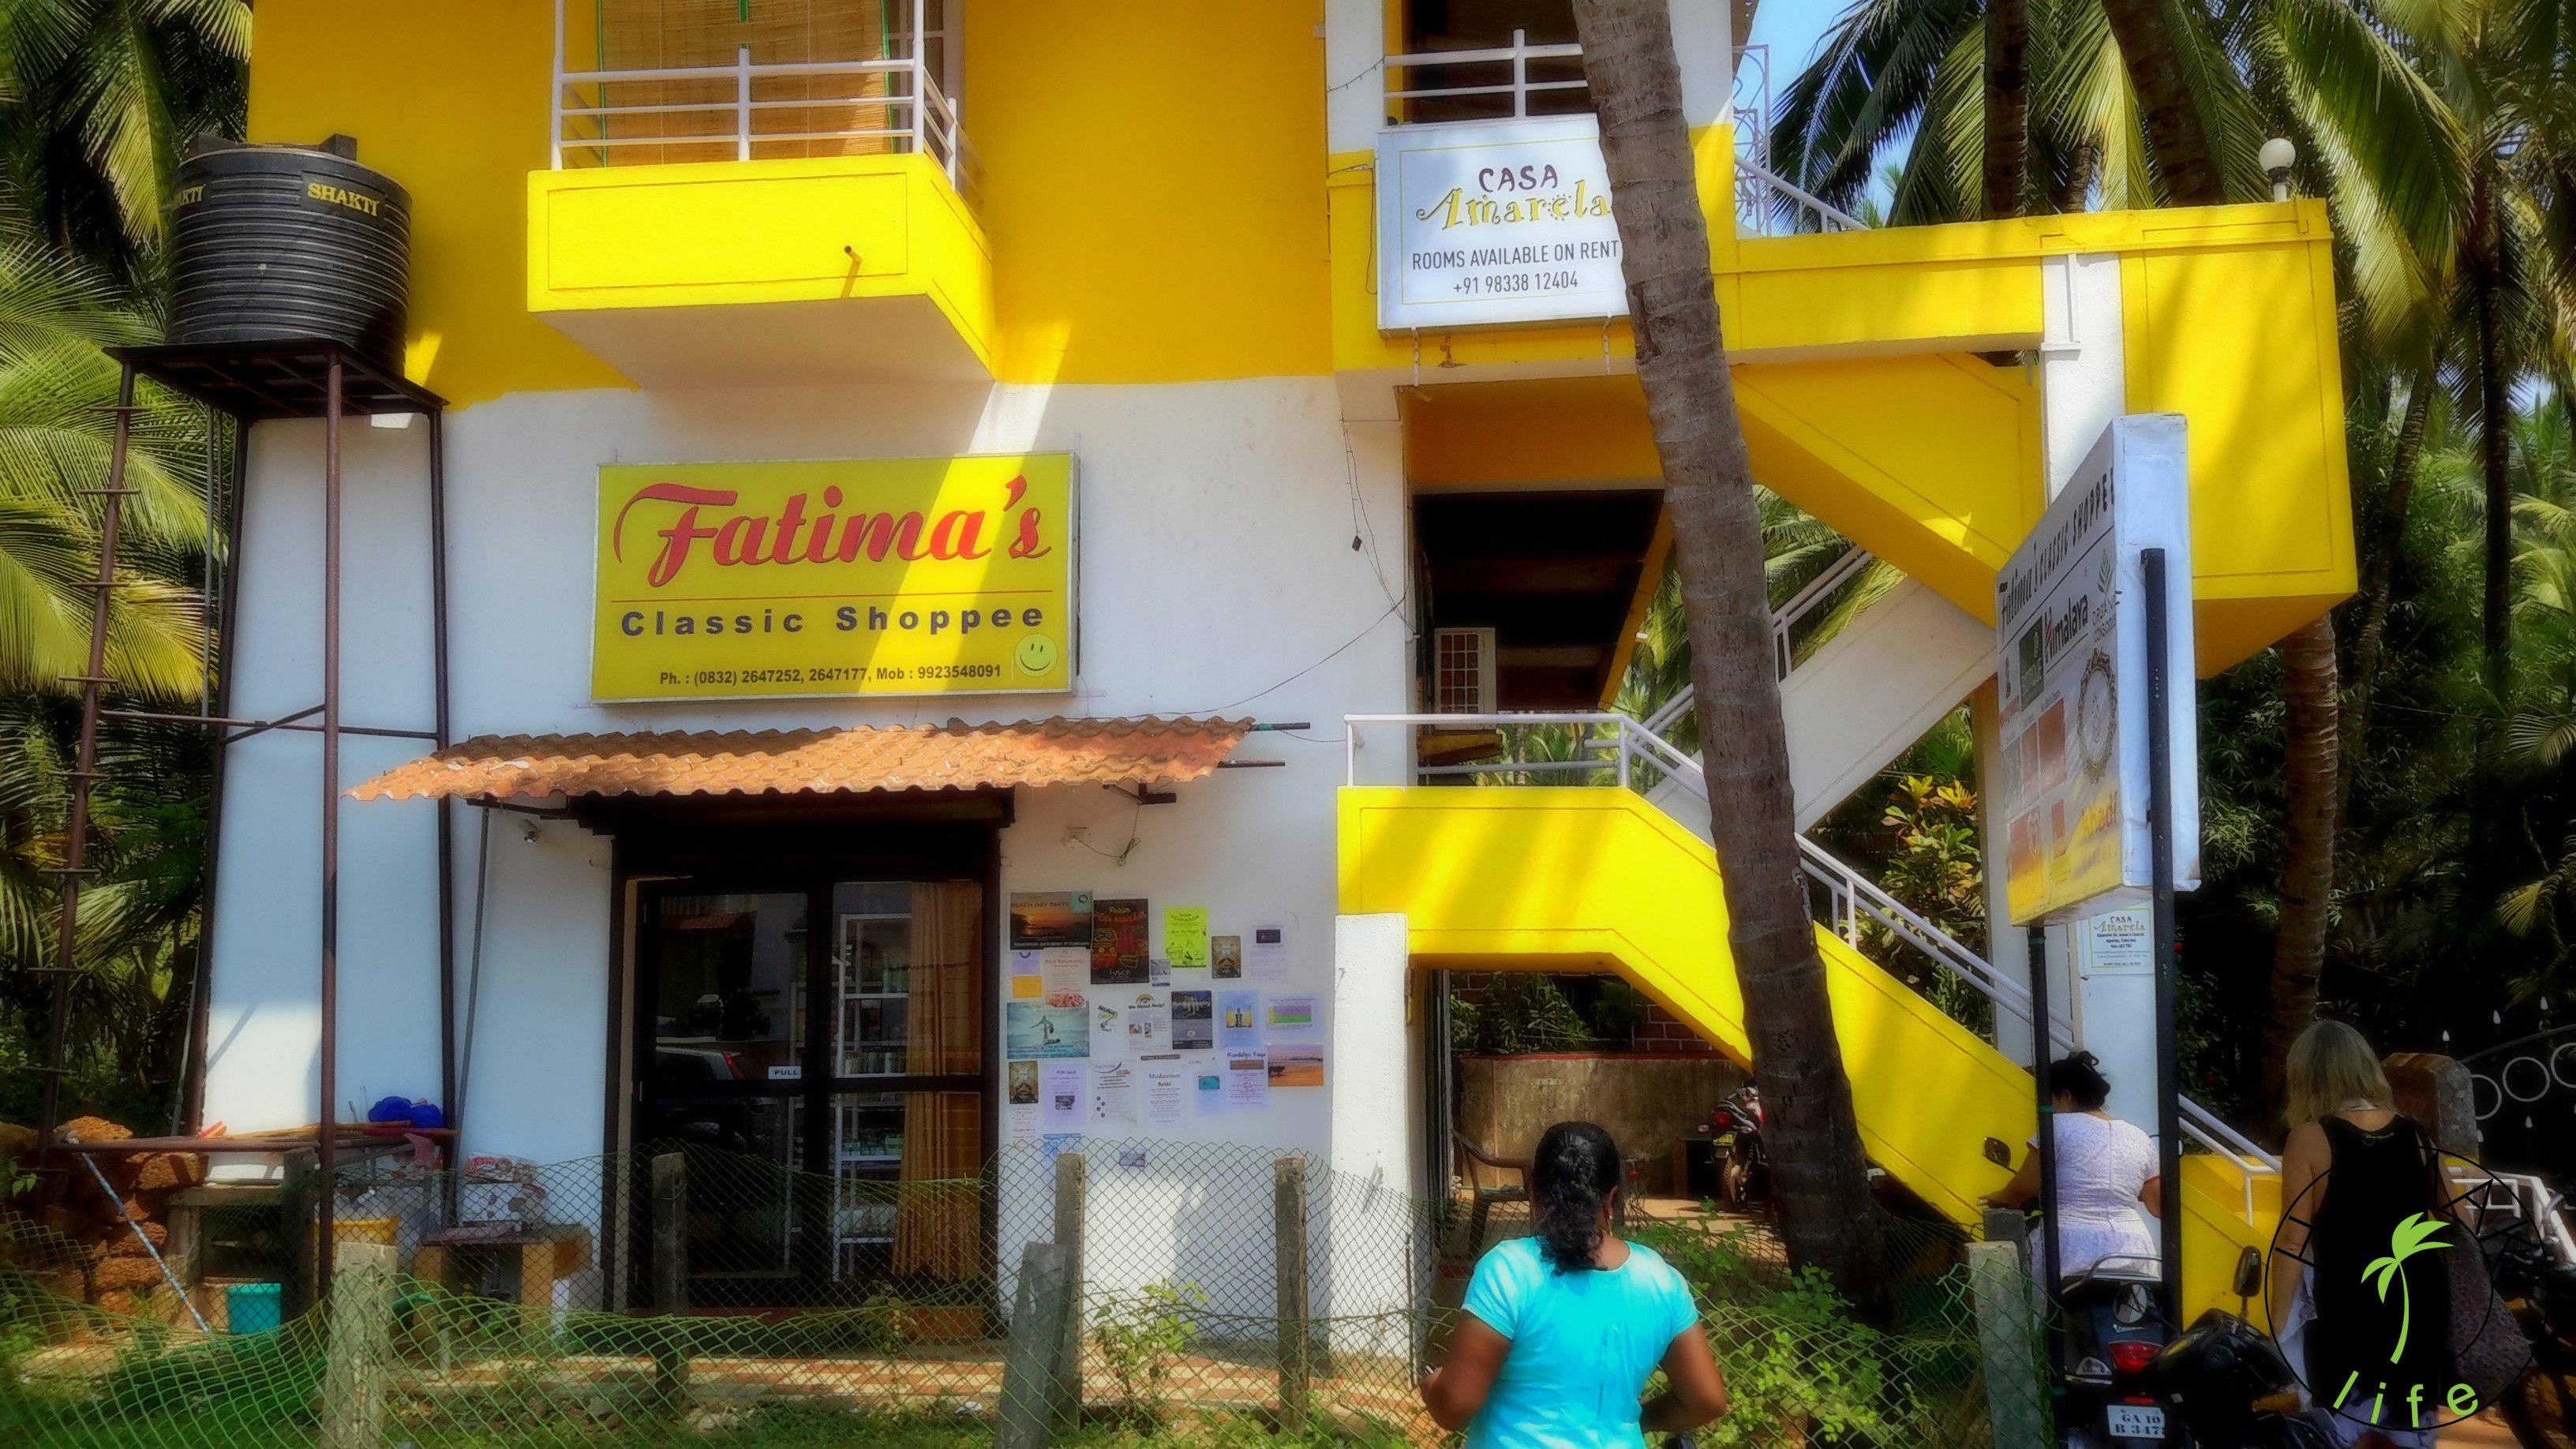 Fatima Classic Shopee to lokalny turystyczny sklepik na Agonda Beach - w tej najbardziej drogiej części Goa.